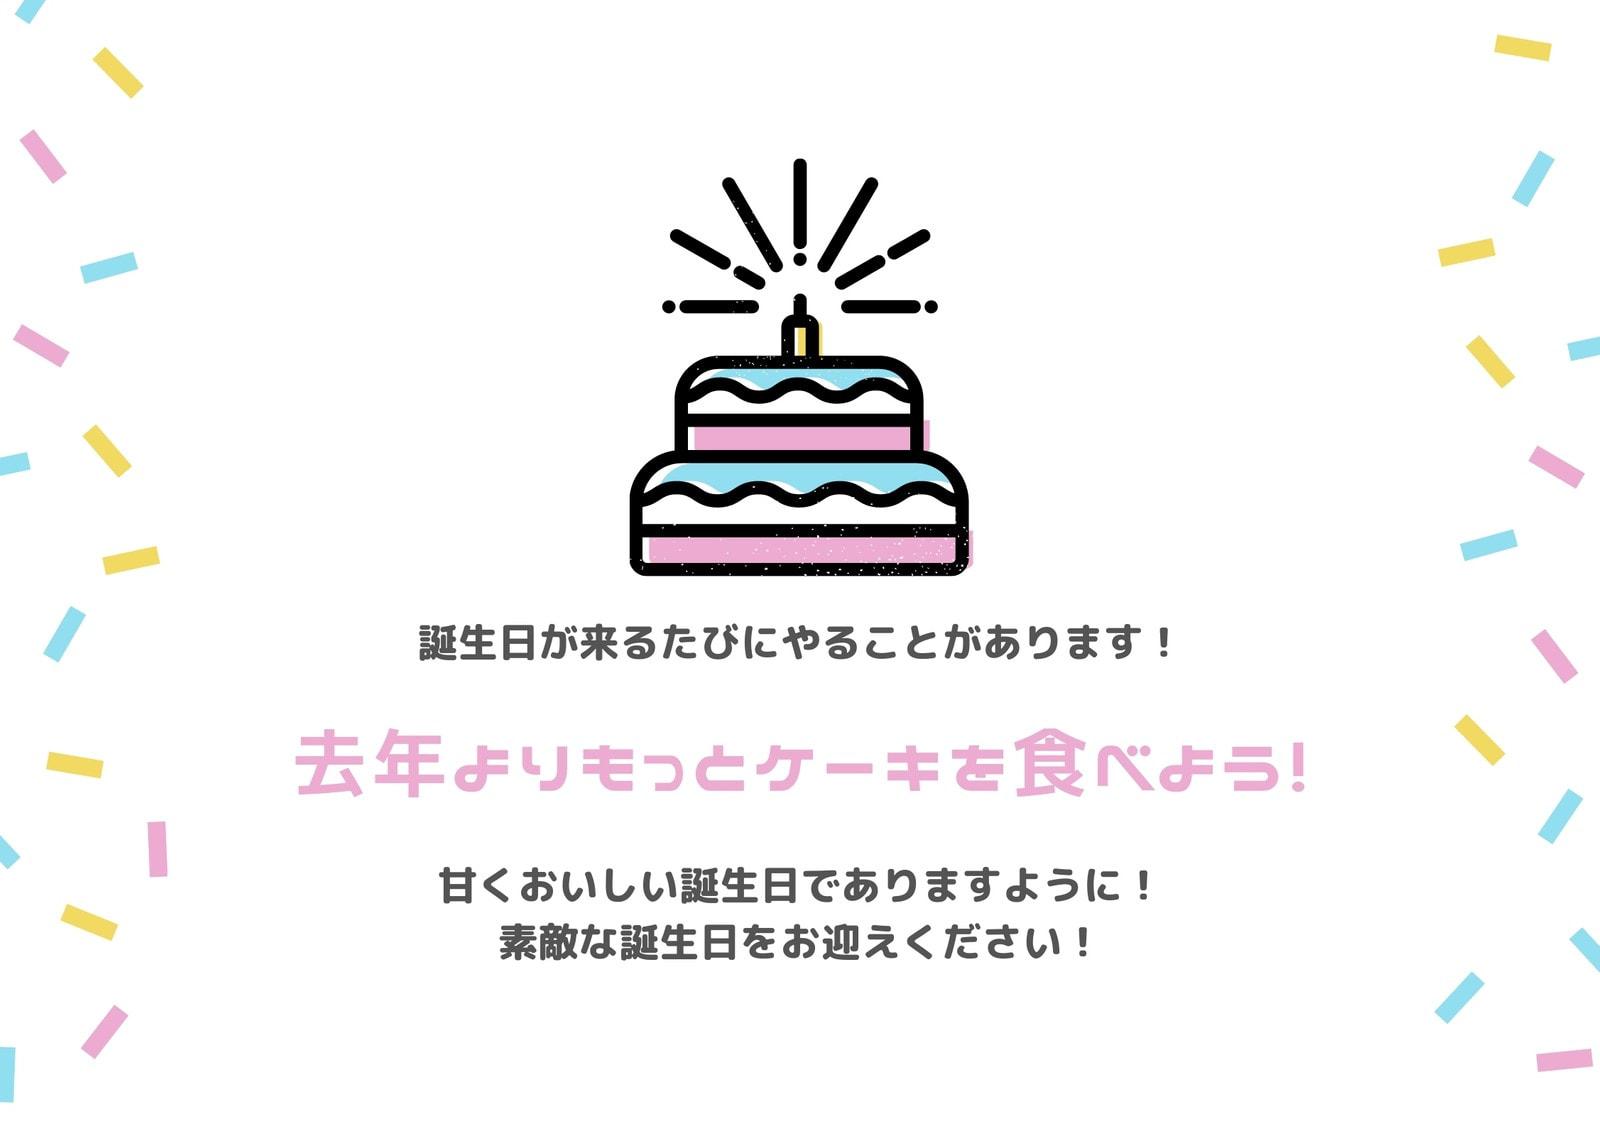 カラフル 紙吹雪とケーキ ガールフレンド 誕生日カード